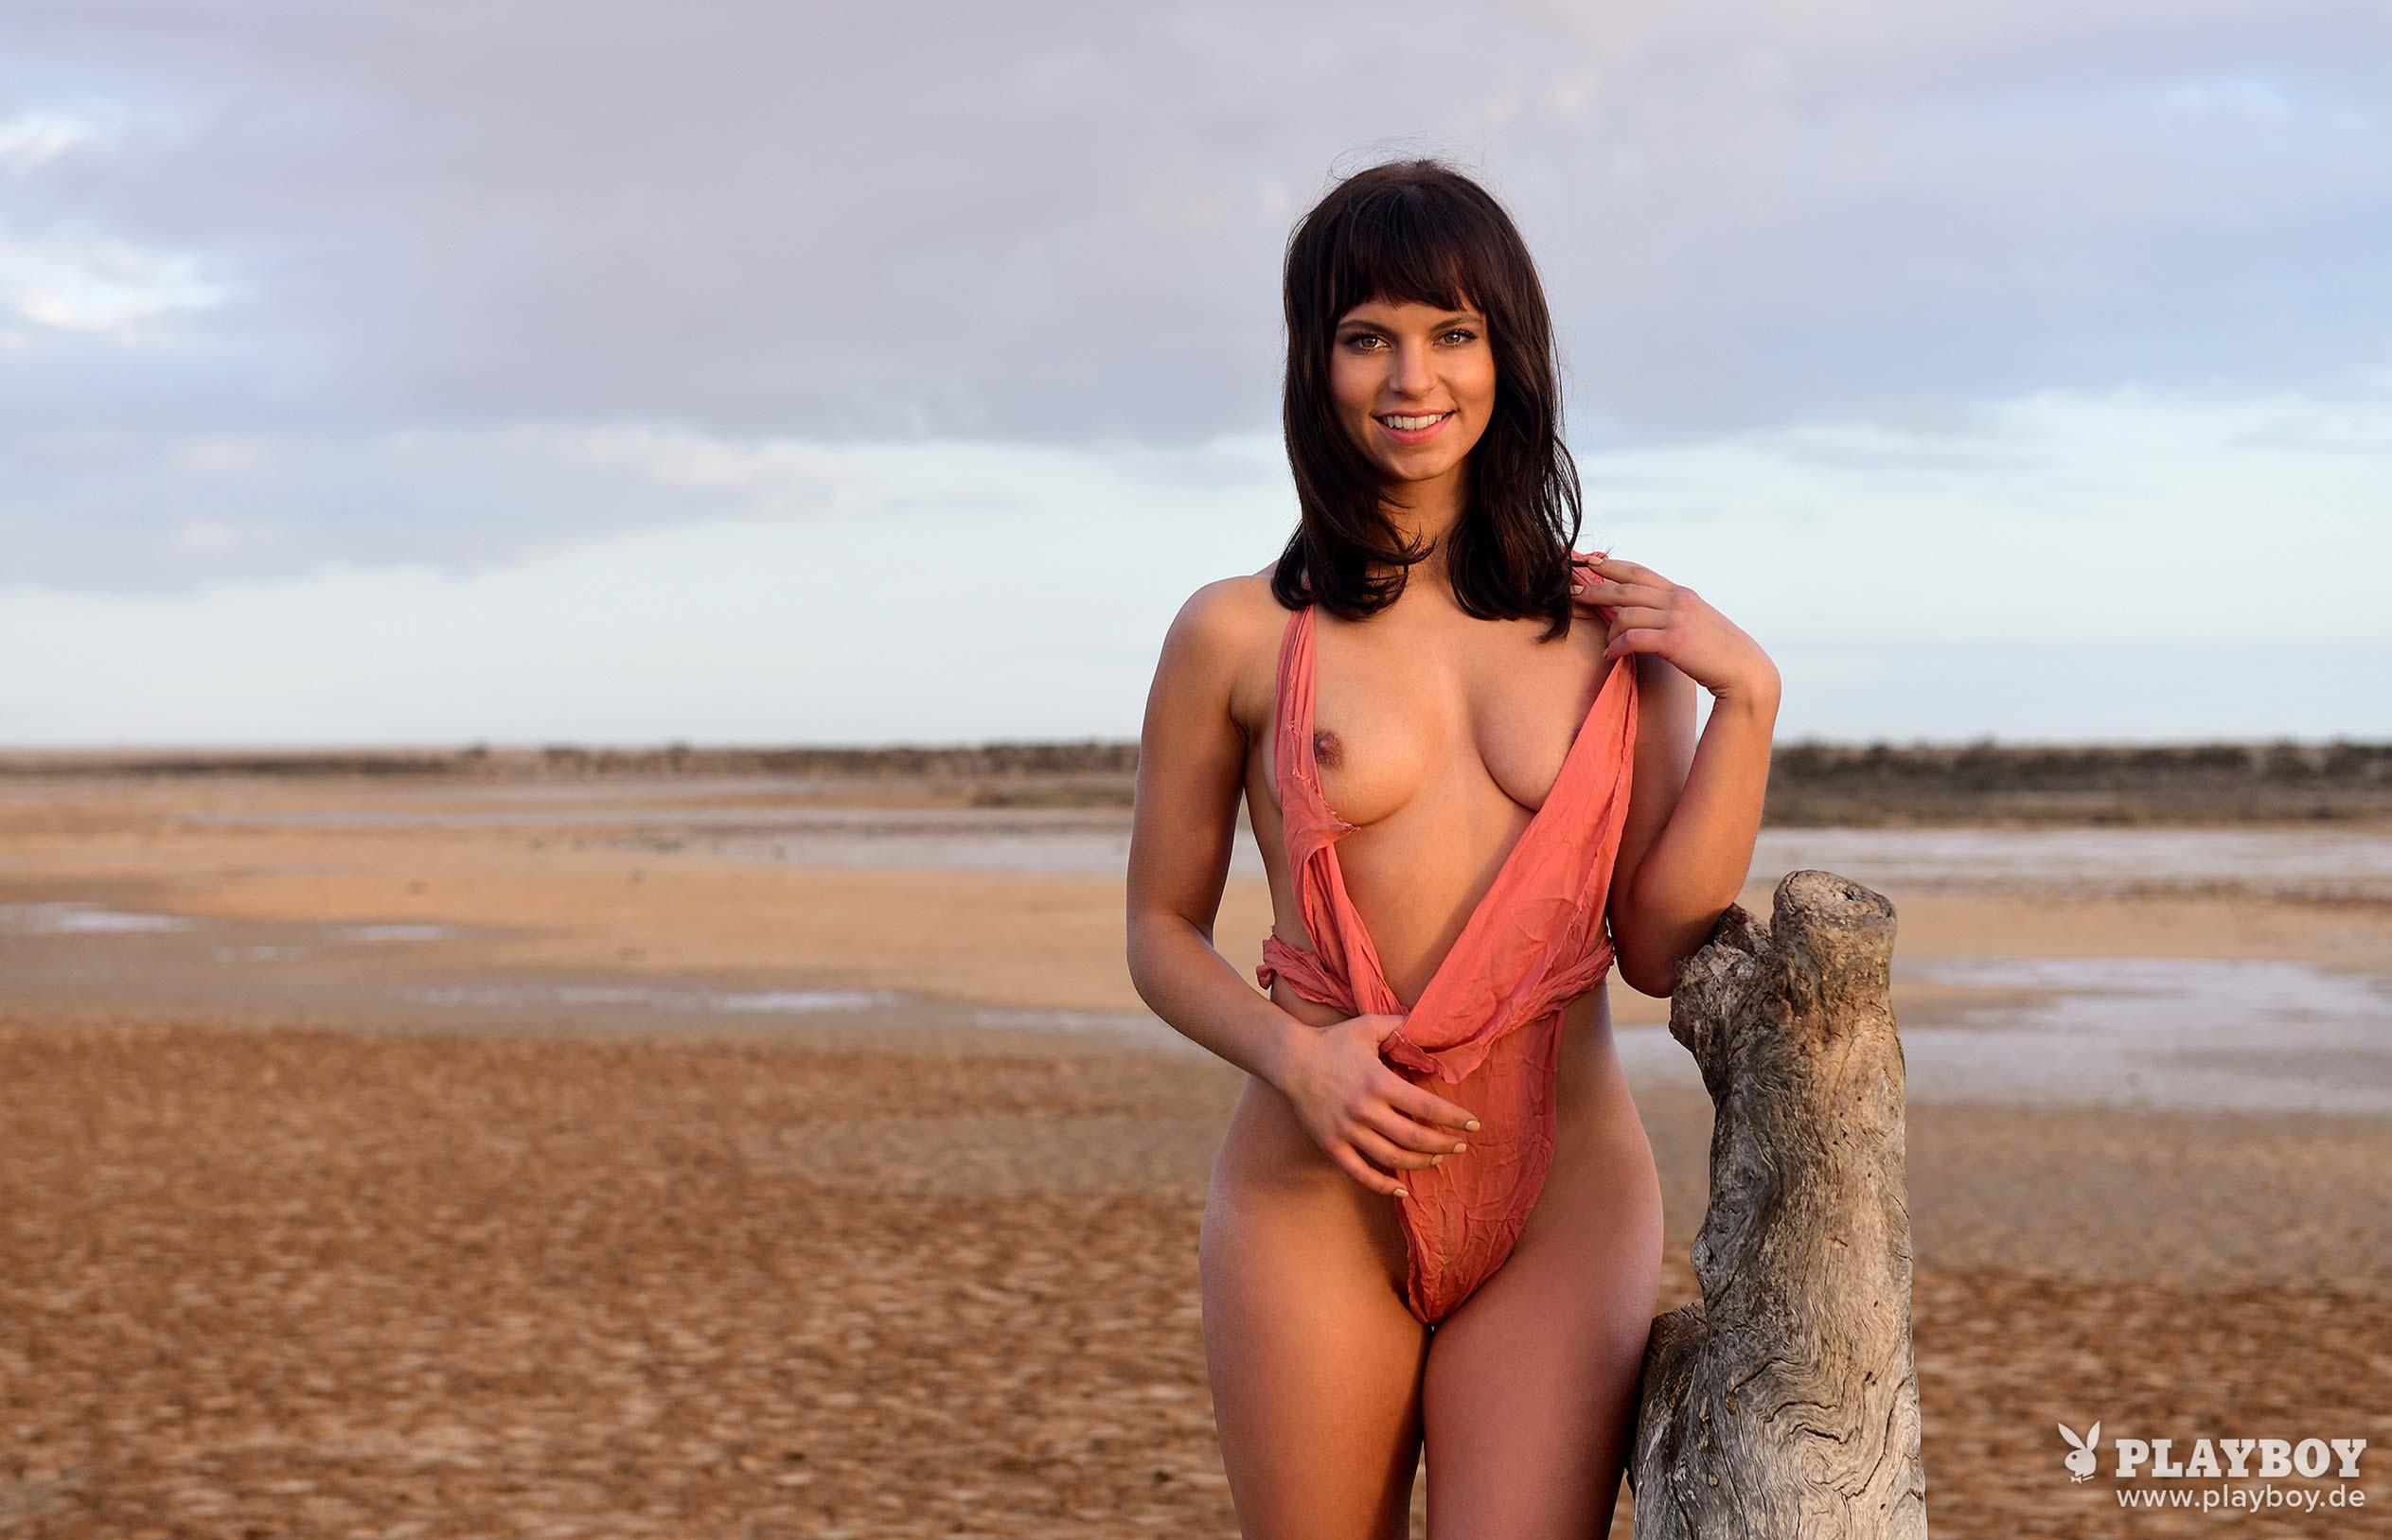 актриса Франциска Бенц голая на ферме в Южной Африке / фото 11